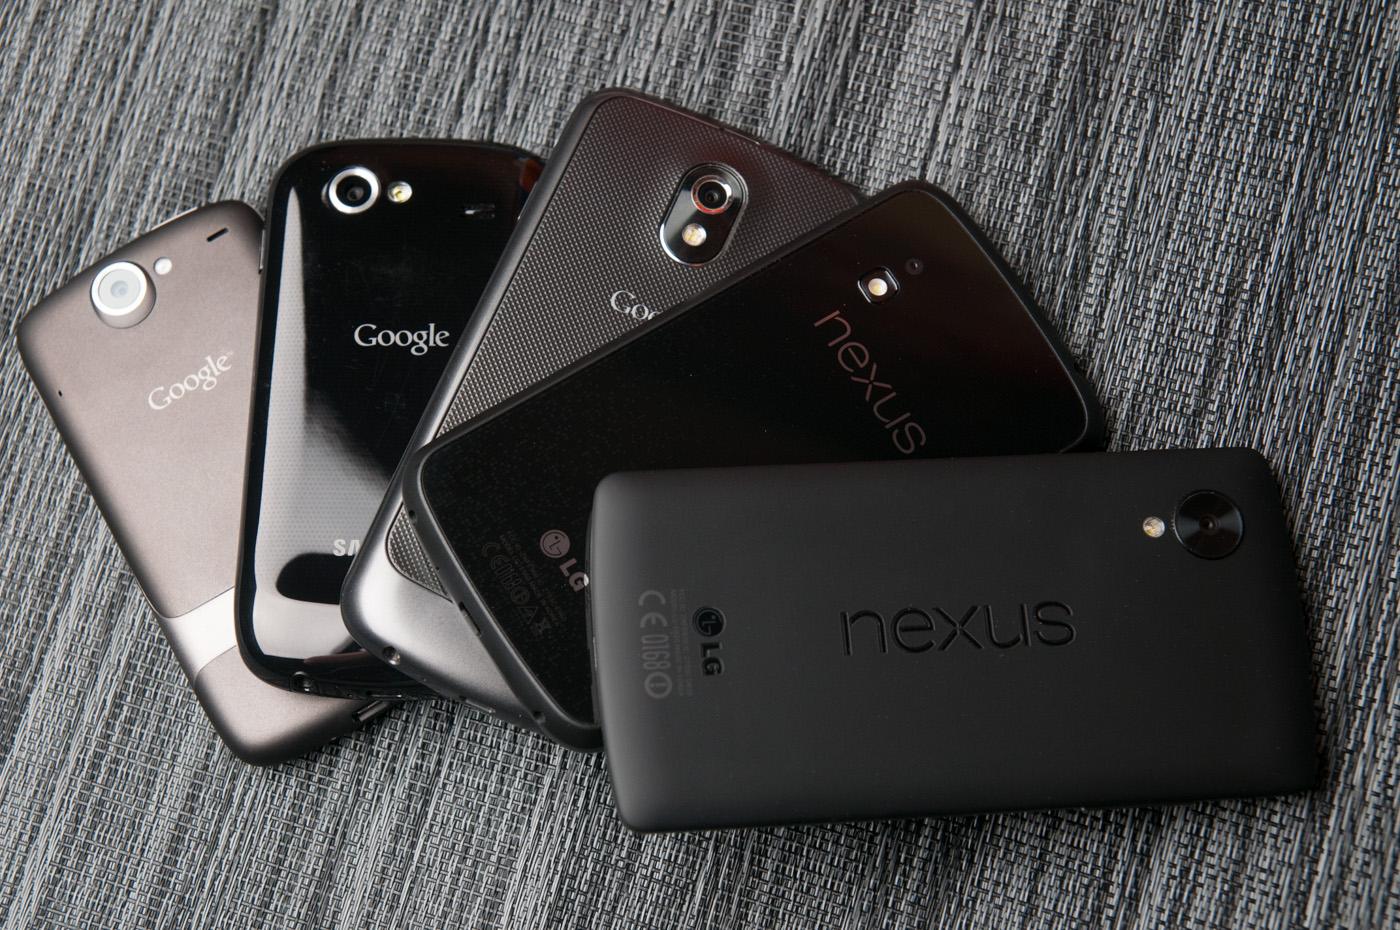 Google nexus 4 review pictures it pro - Google Nexus 4 Review Pictures It Pro 33